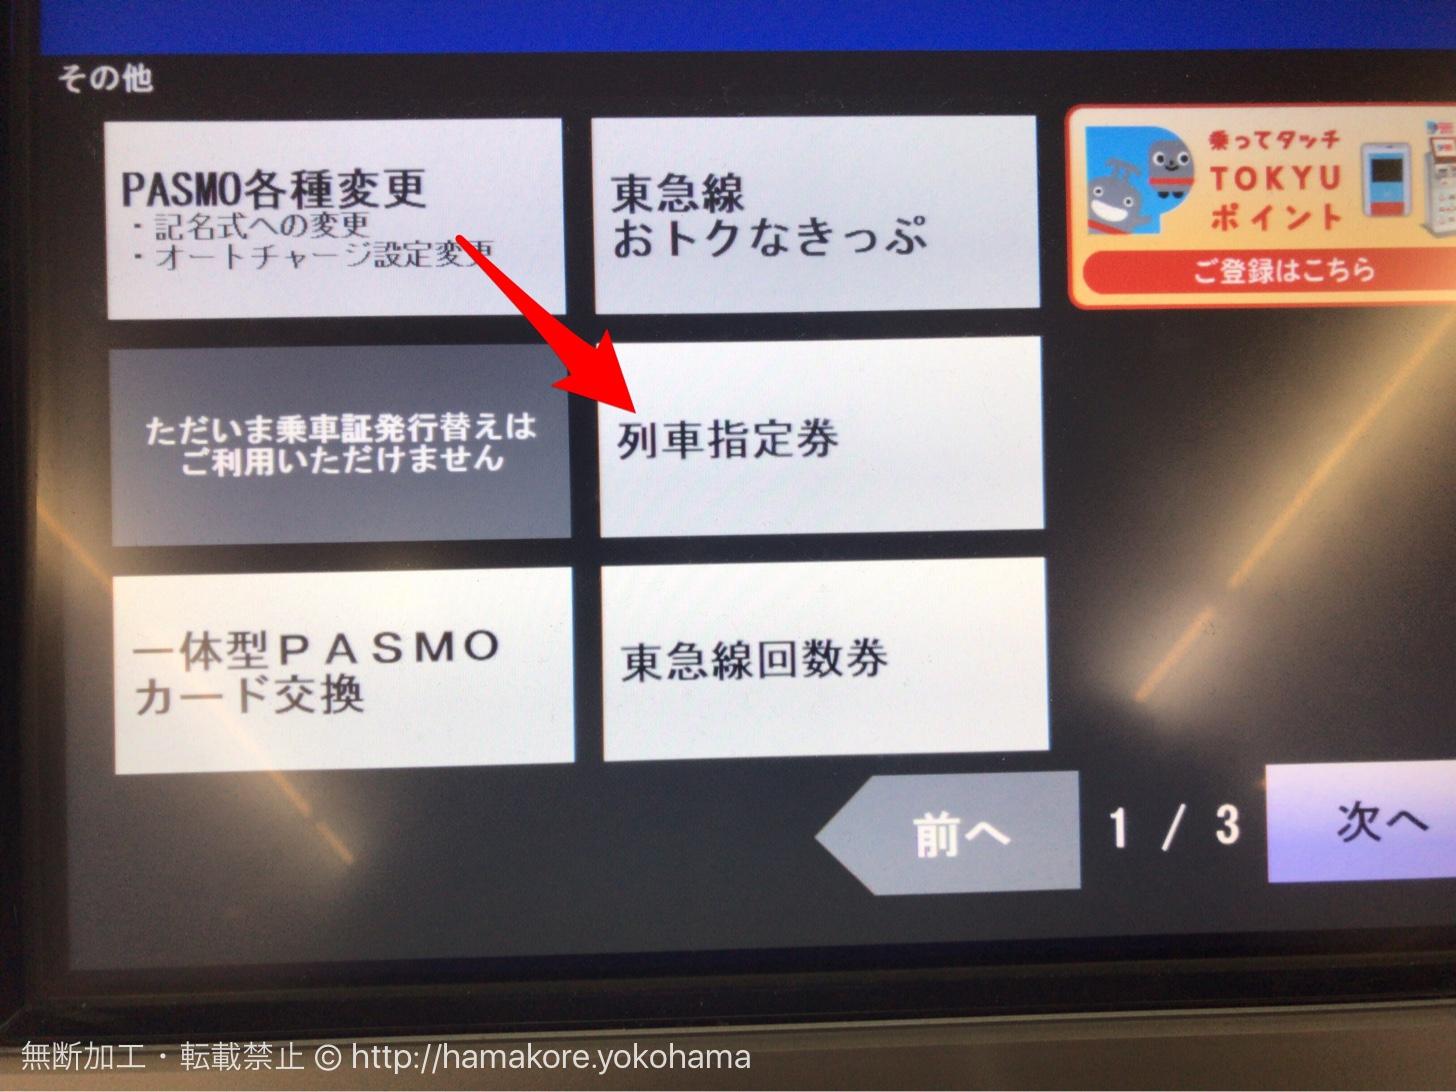 「列車指定券」を選択